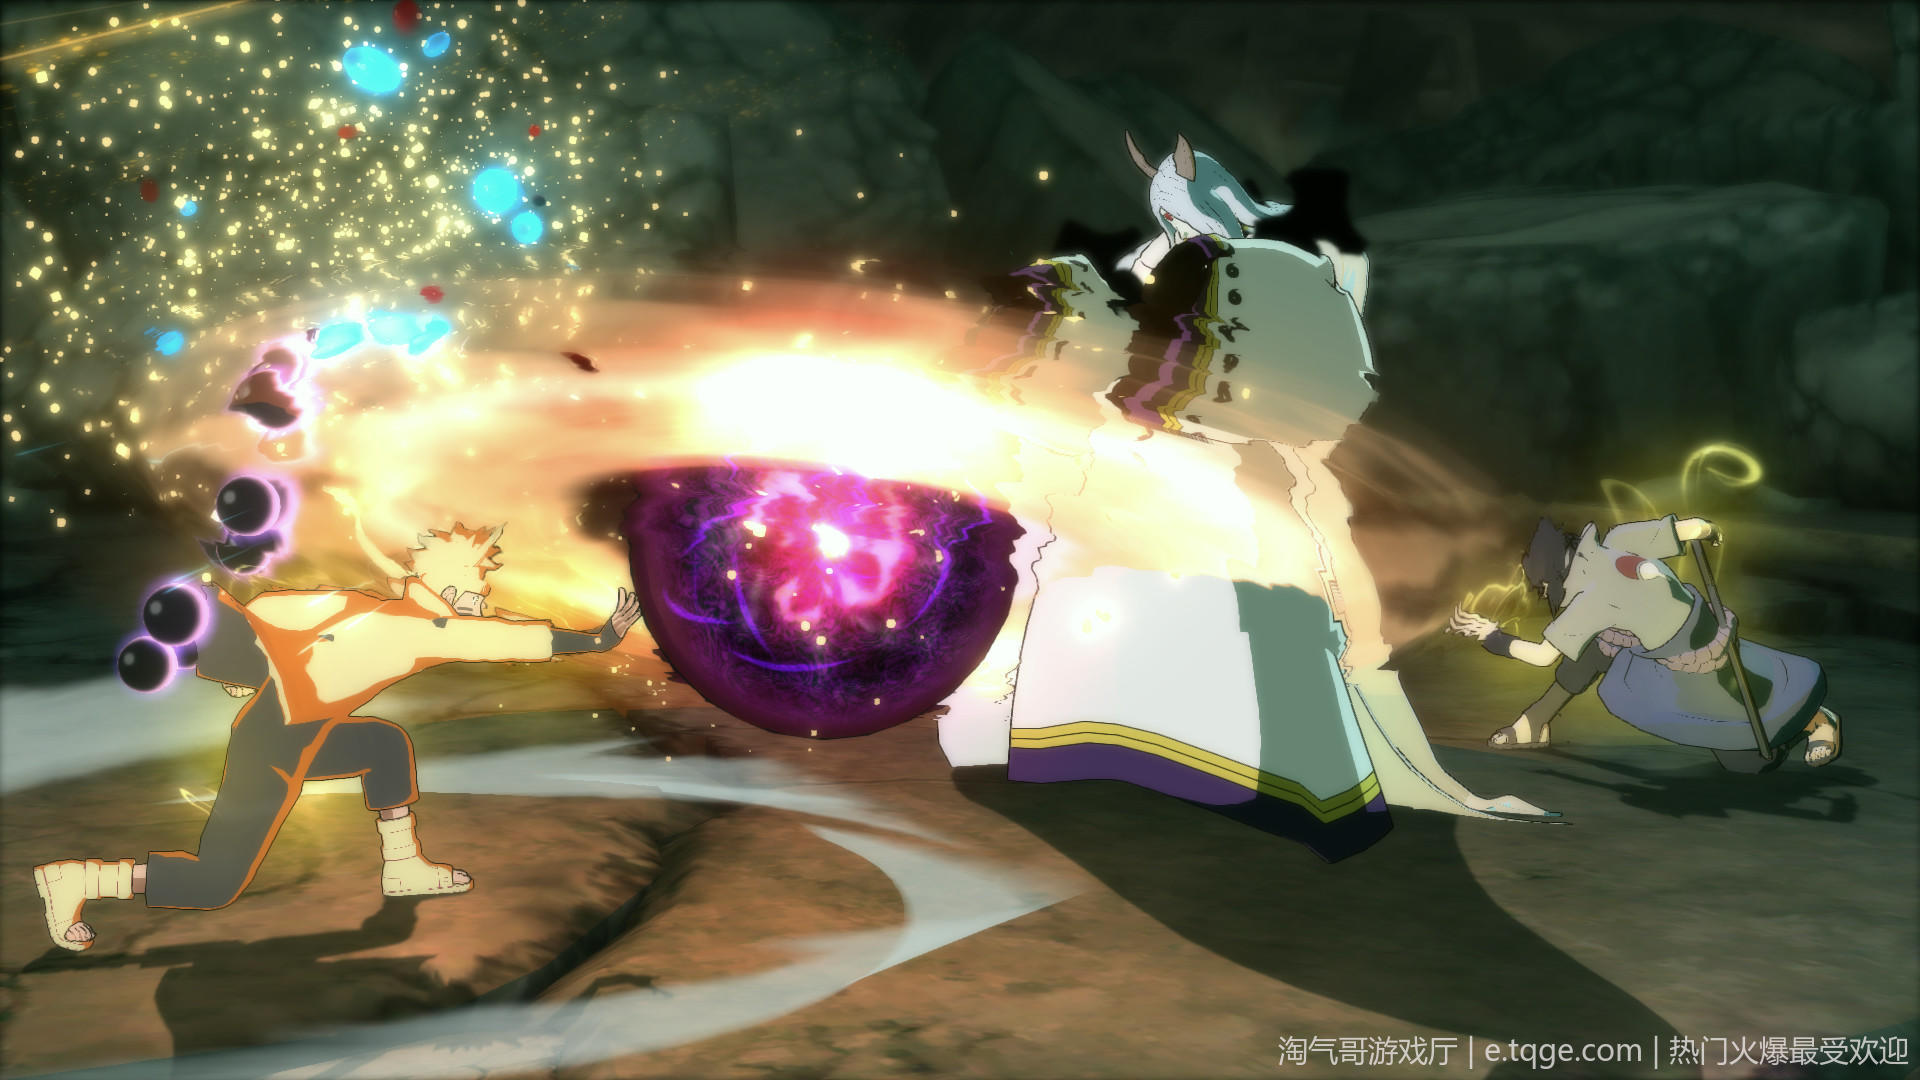 火影忍者:究极忍者风暴4 集成博人之路全部DLCs 整合版 动作冒险 第5张